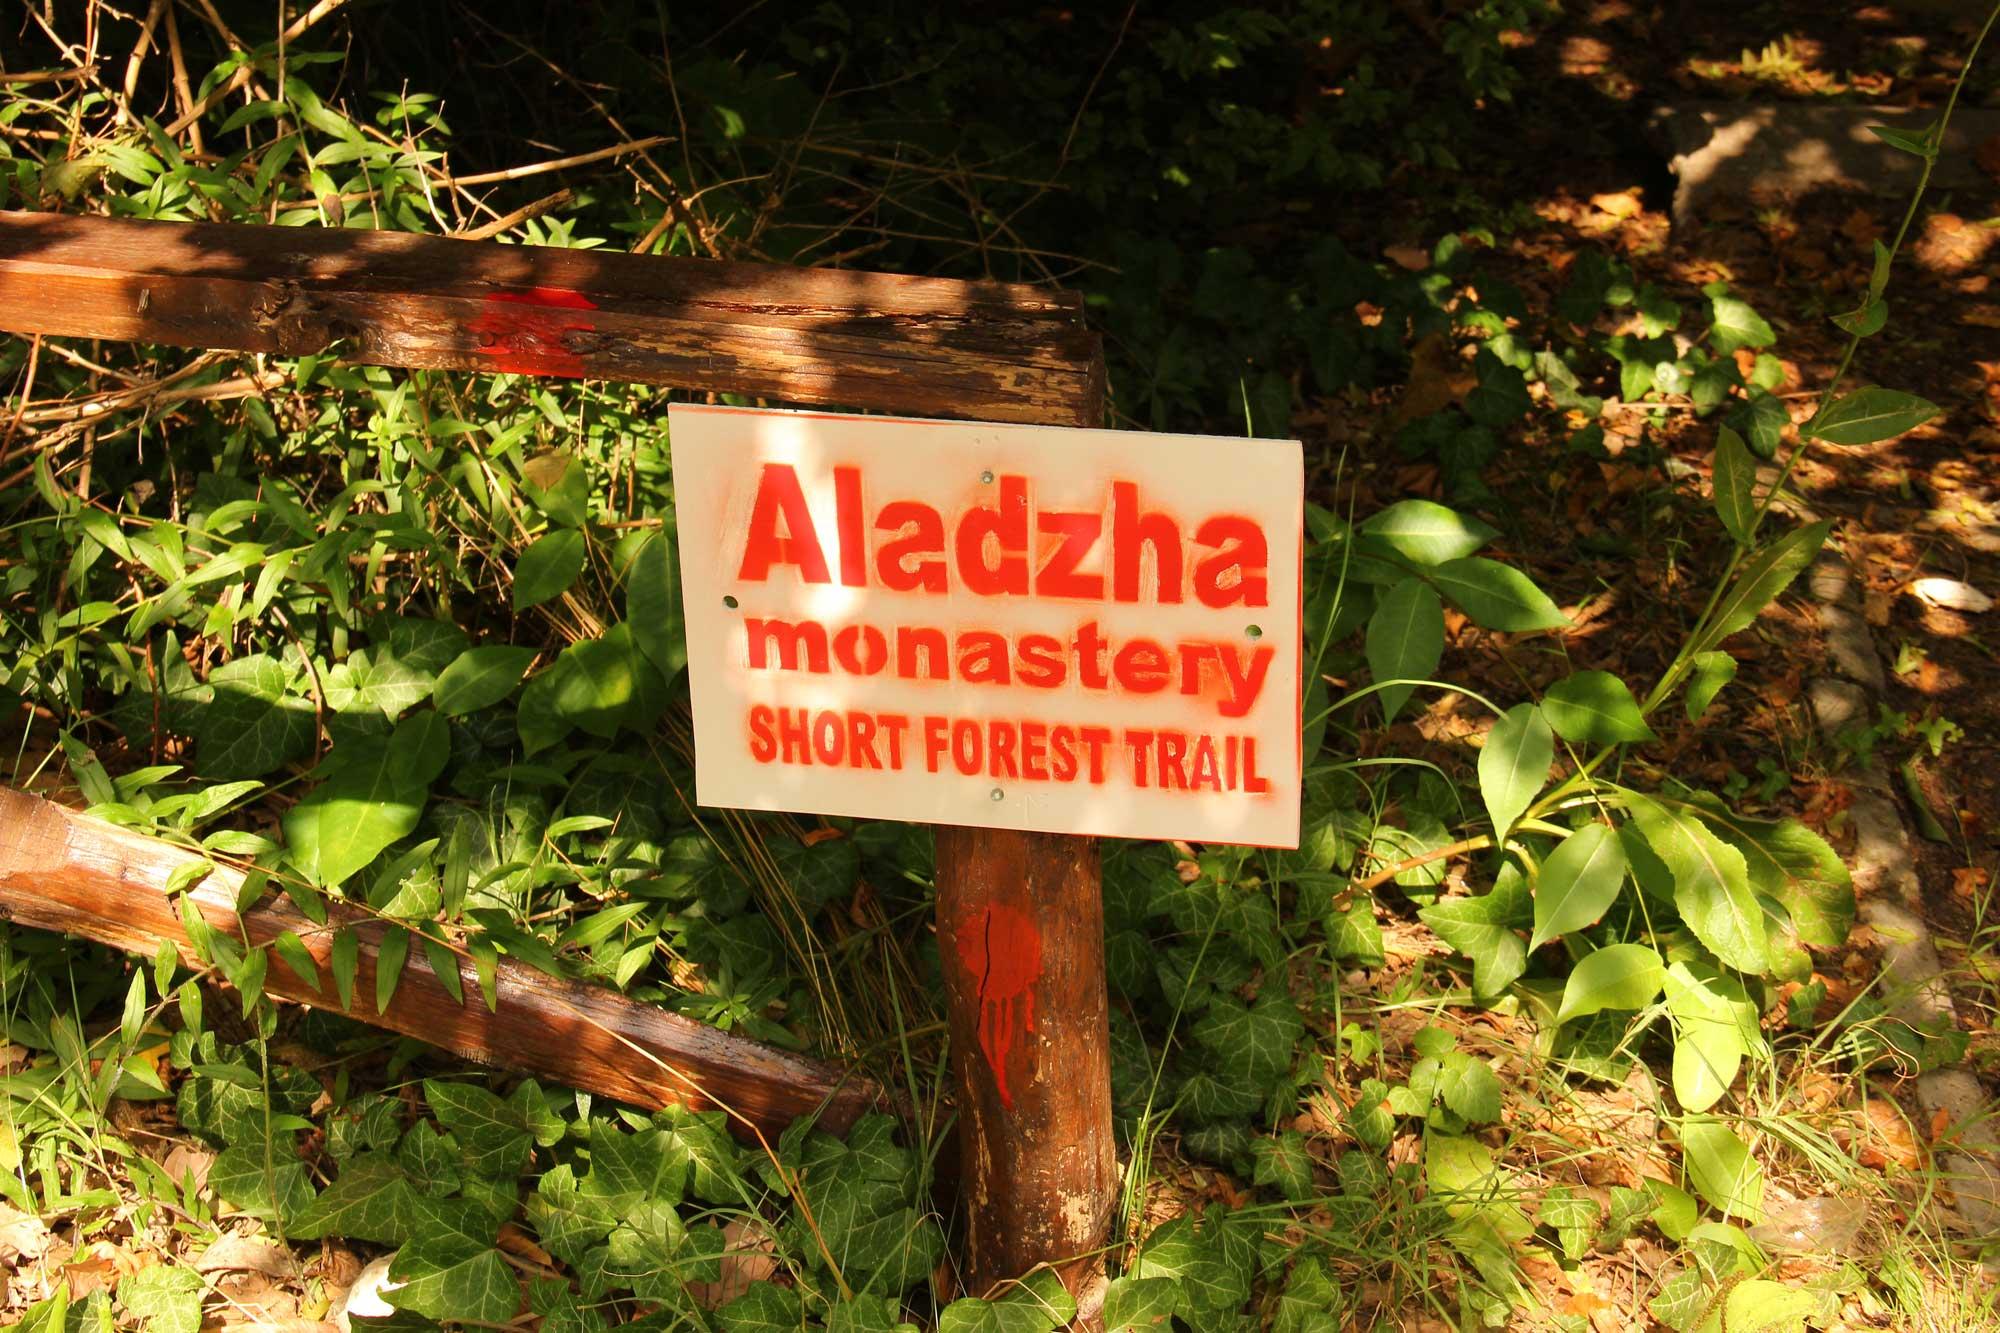 короткая тропа к монастырю аладжа